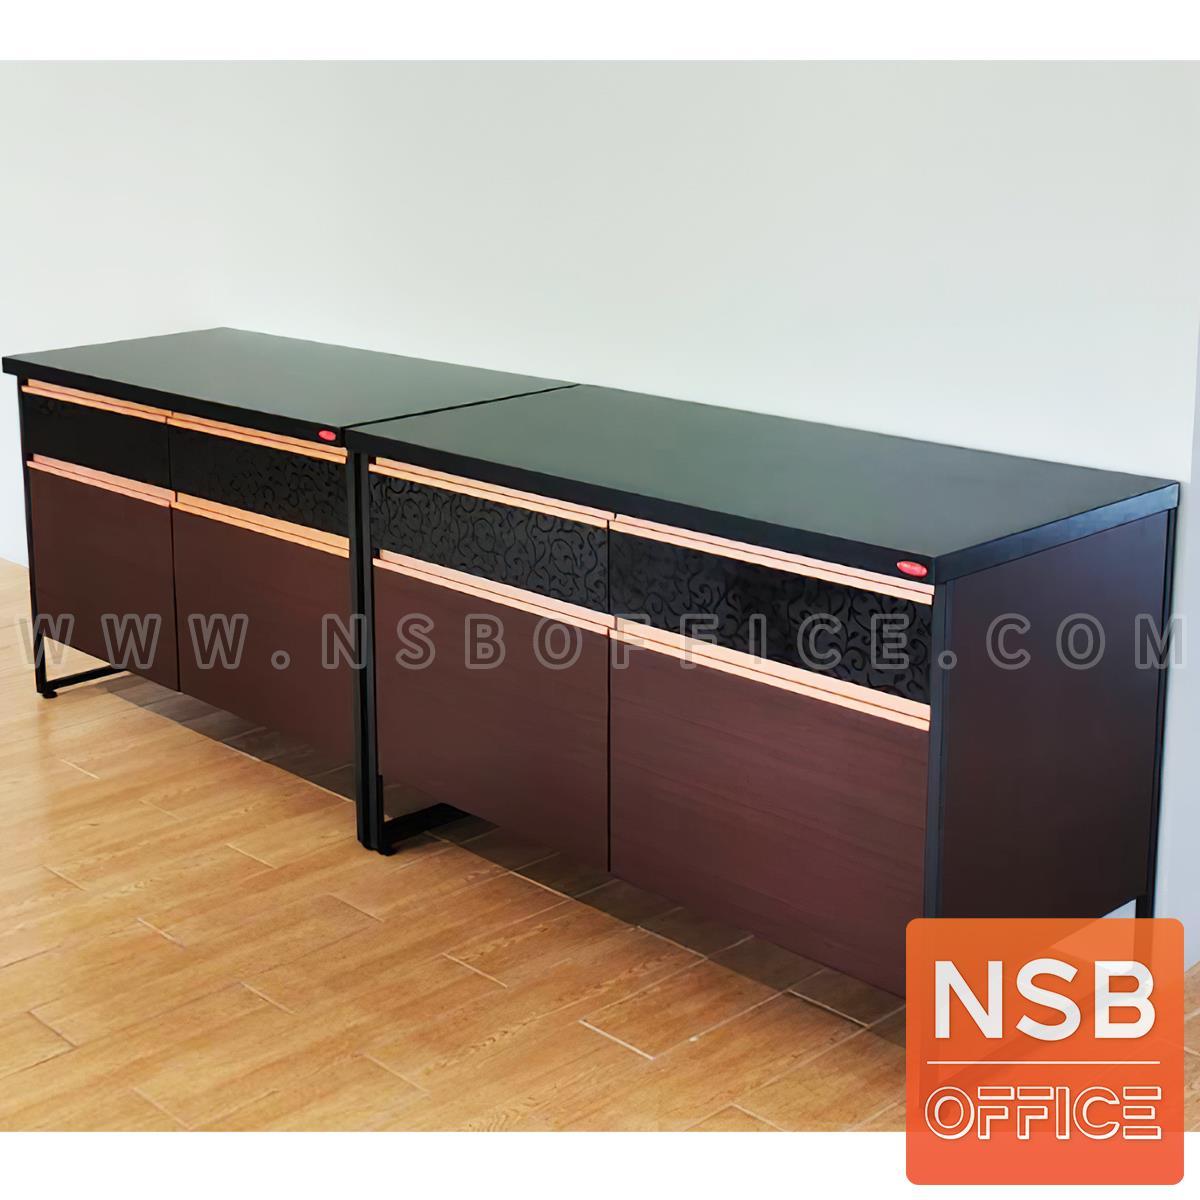 ชุดตู้ครัว พร้อมตัวตู้แขวนผนัง รุ่น PL-SET2 120W cm.